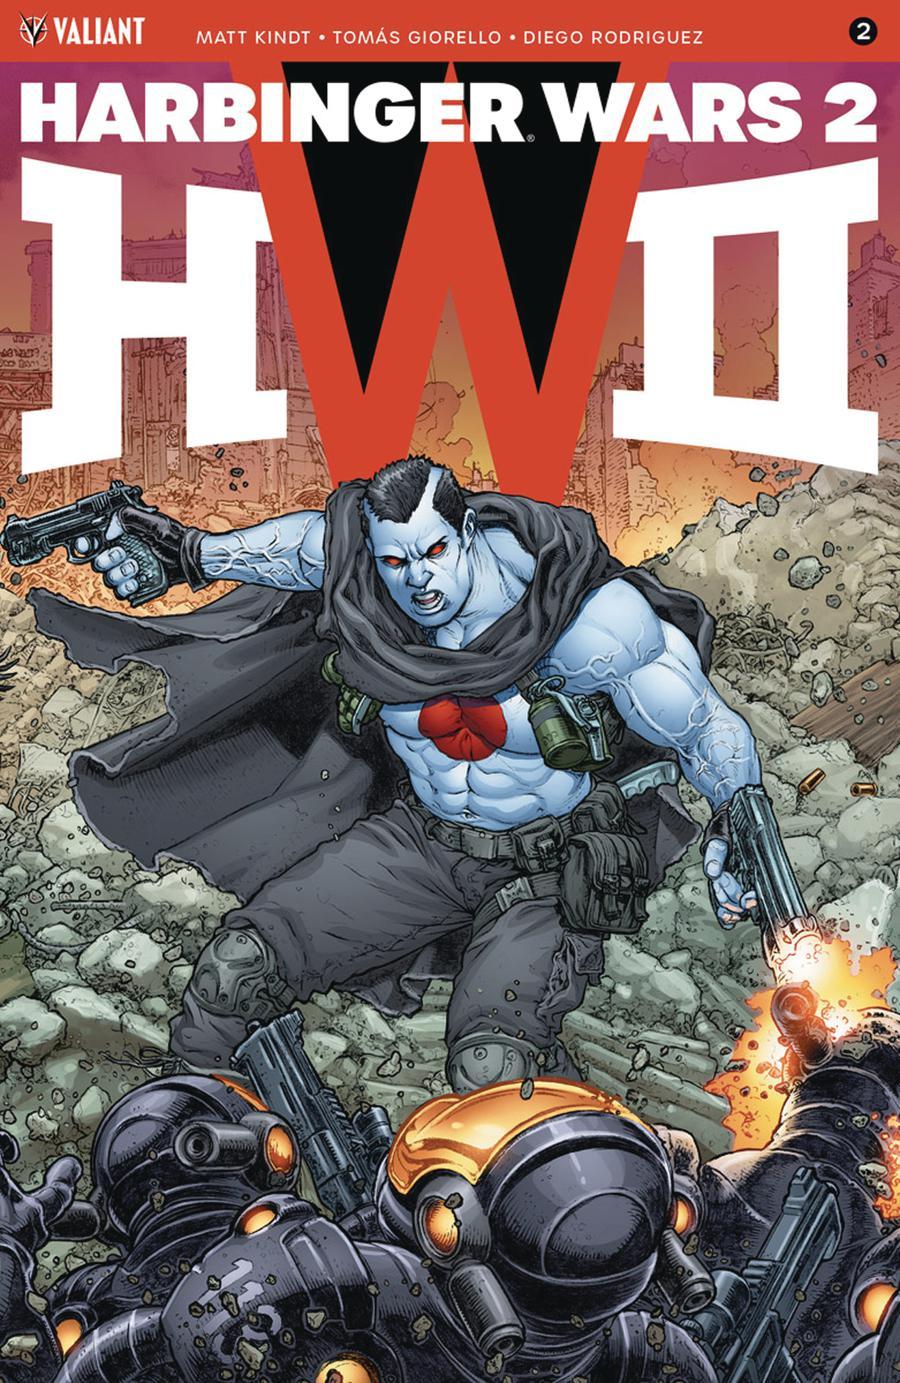 Harbinger Wars 2 #2 Cover D Incentive Juan Jose Ryp Interlocking Variant Cover